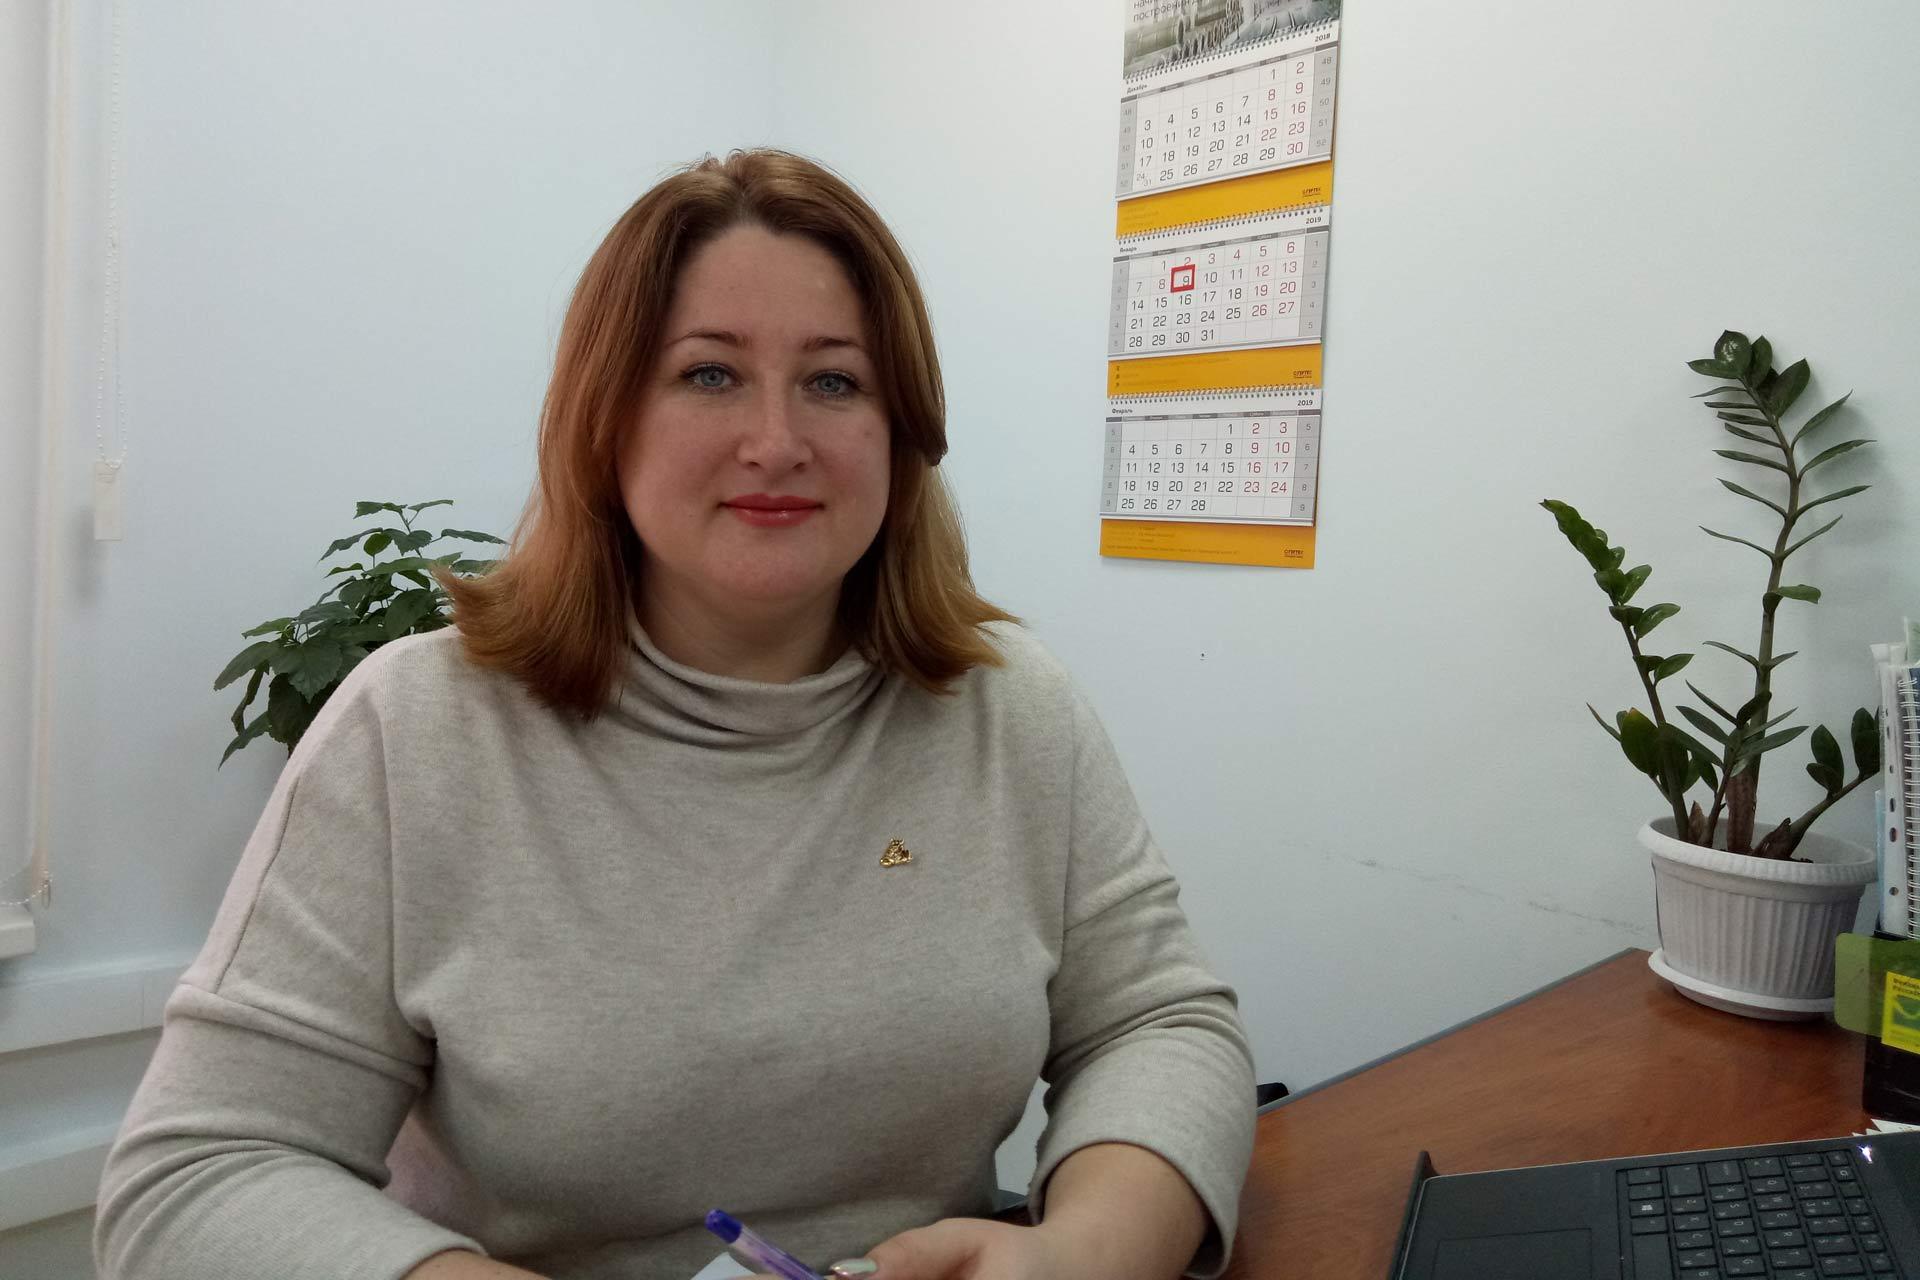 Юлия Юрьевна Коротченко, коммерческий директор Казанского кранового завода «Гертек»